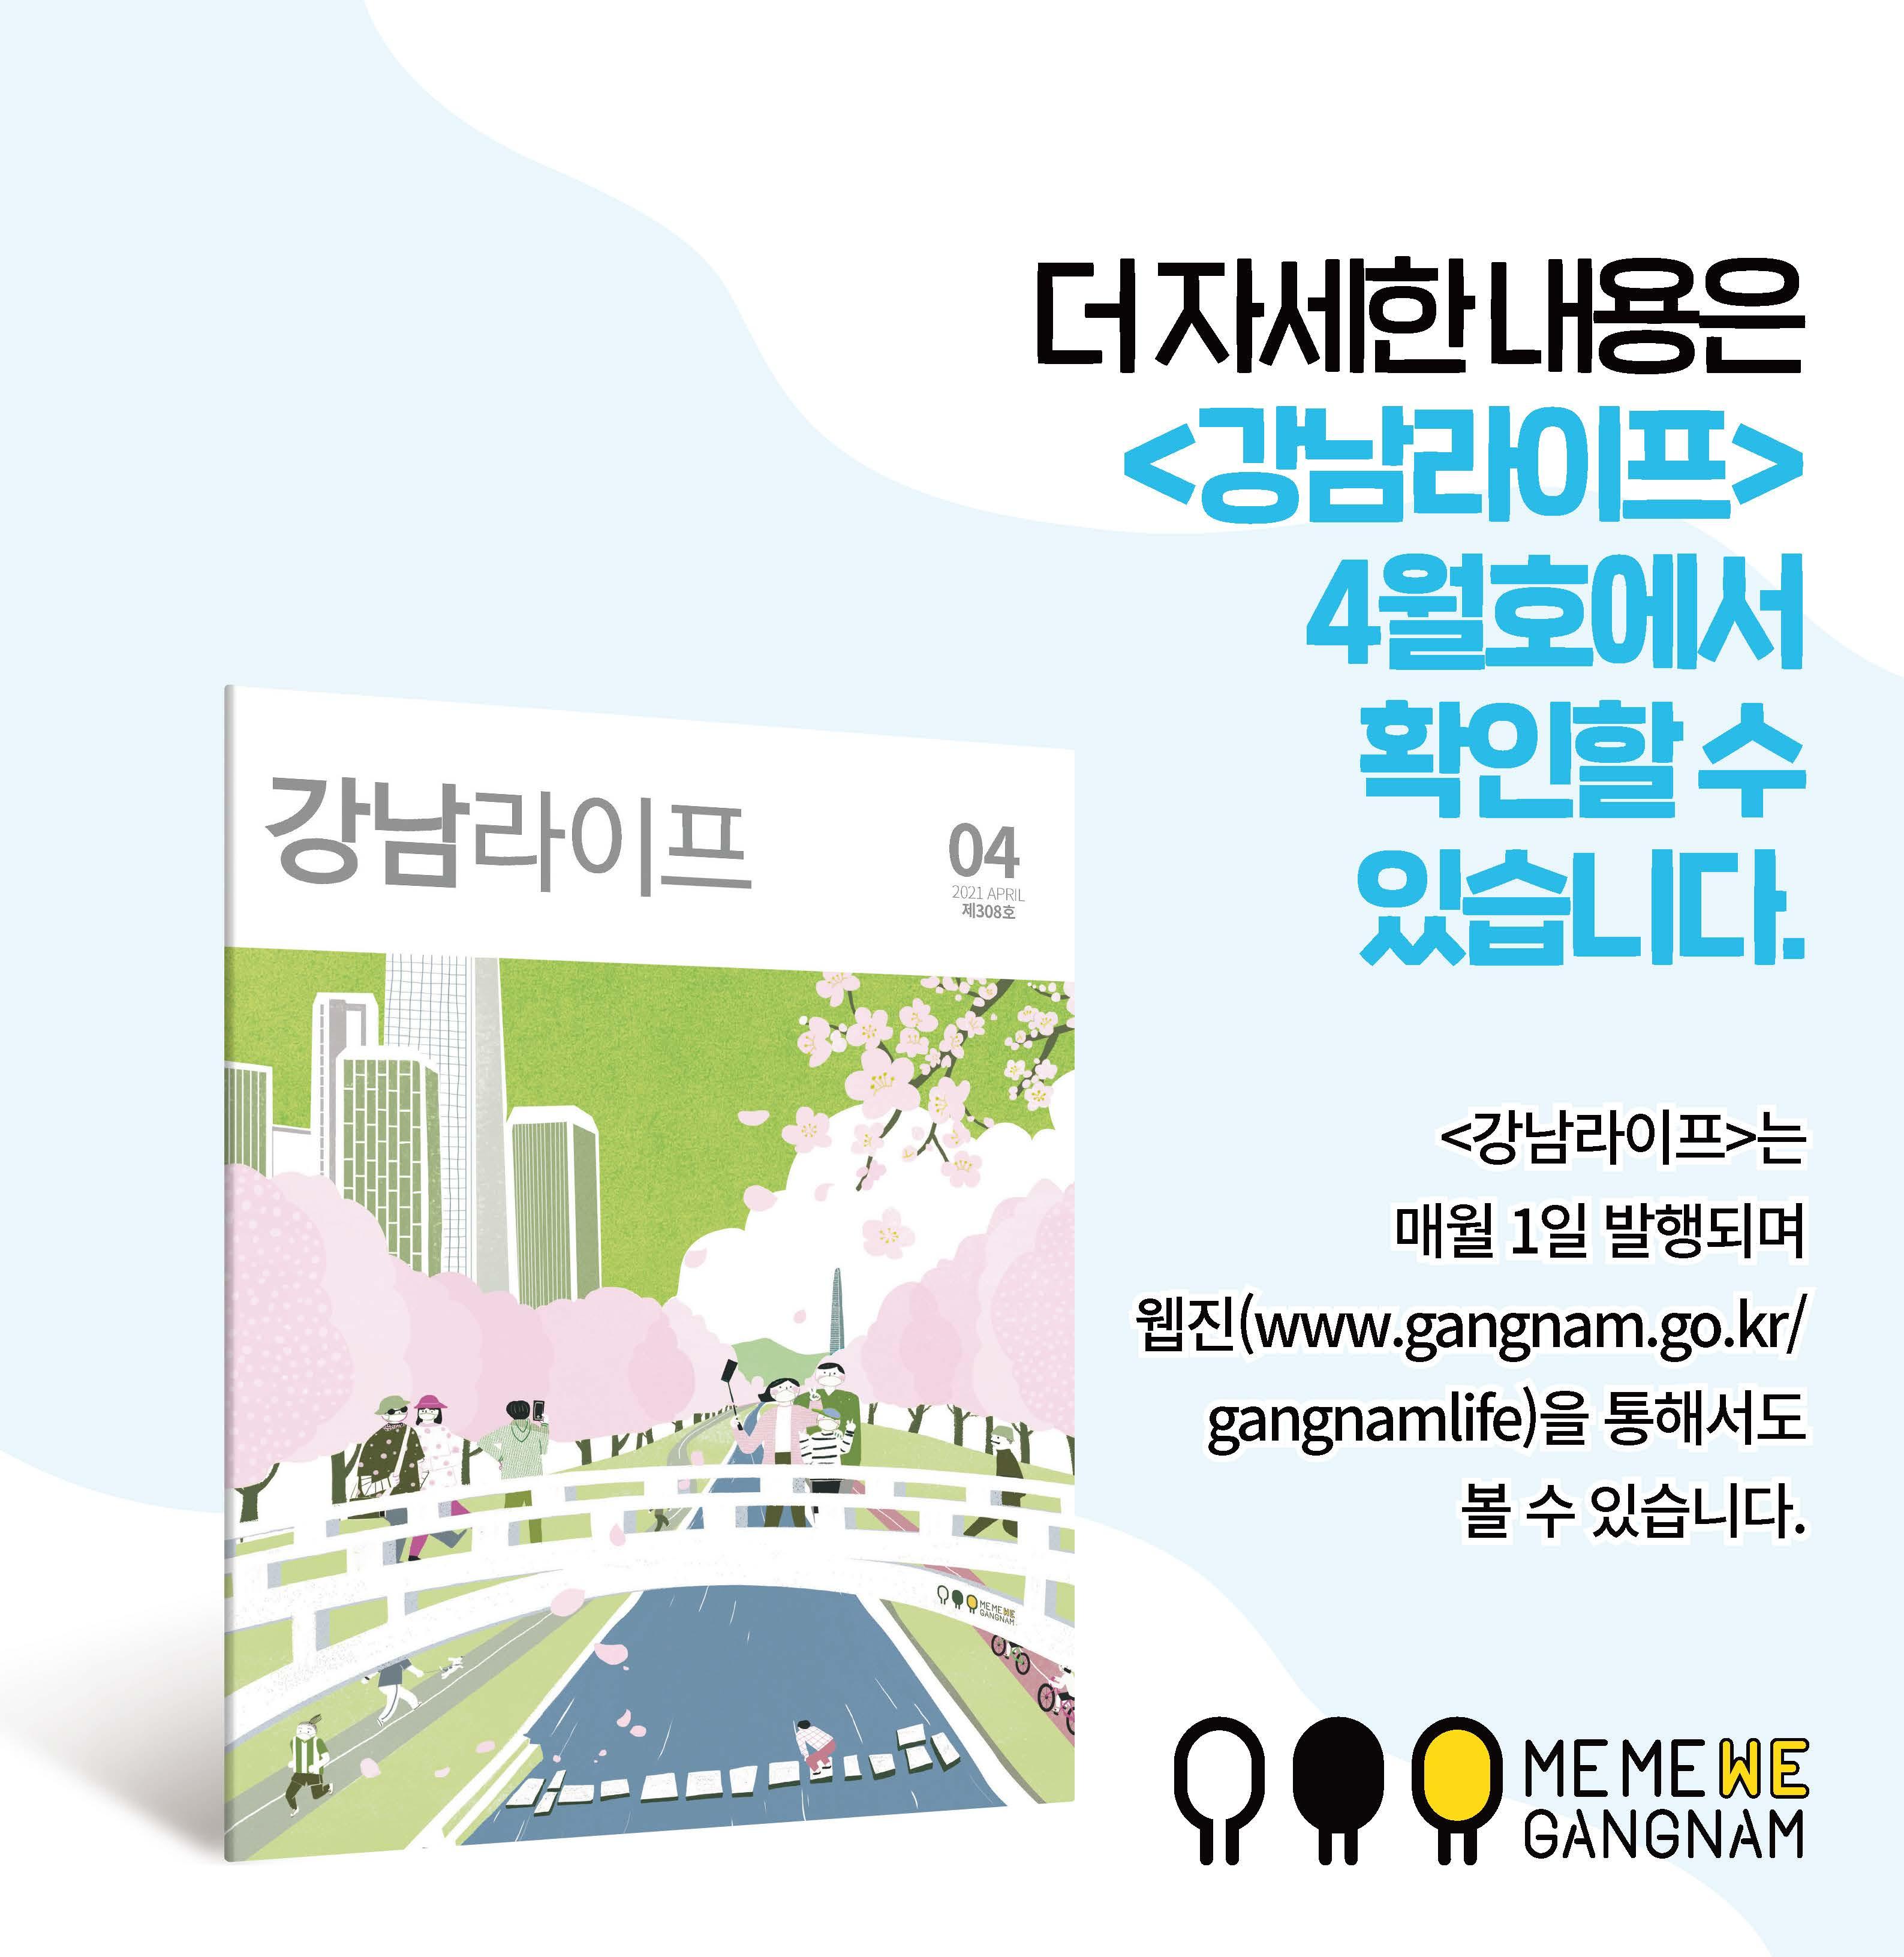 더 자세한 내용은 <강남라이프> 4월호에서 확인할 수 있습니다. <강남라이프>는 매월 1일 발행되며 웹진(www.gangnam.go.kr/gangnamlife)을 통해서도 볼 수 있습니다.